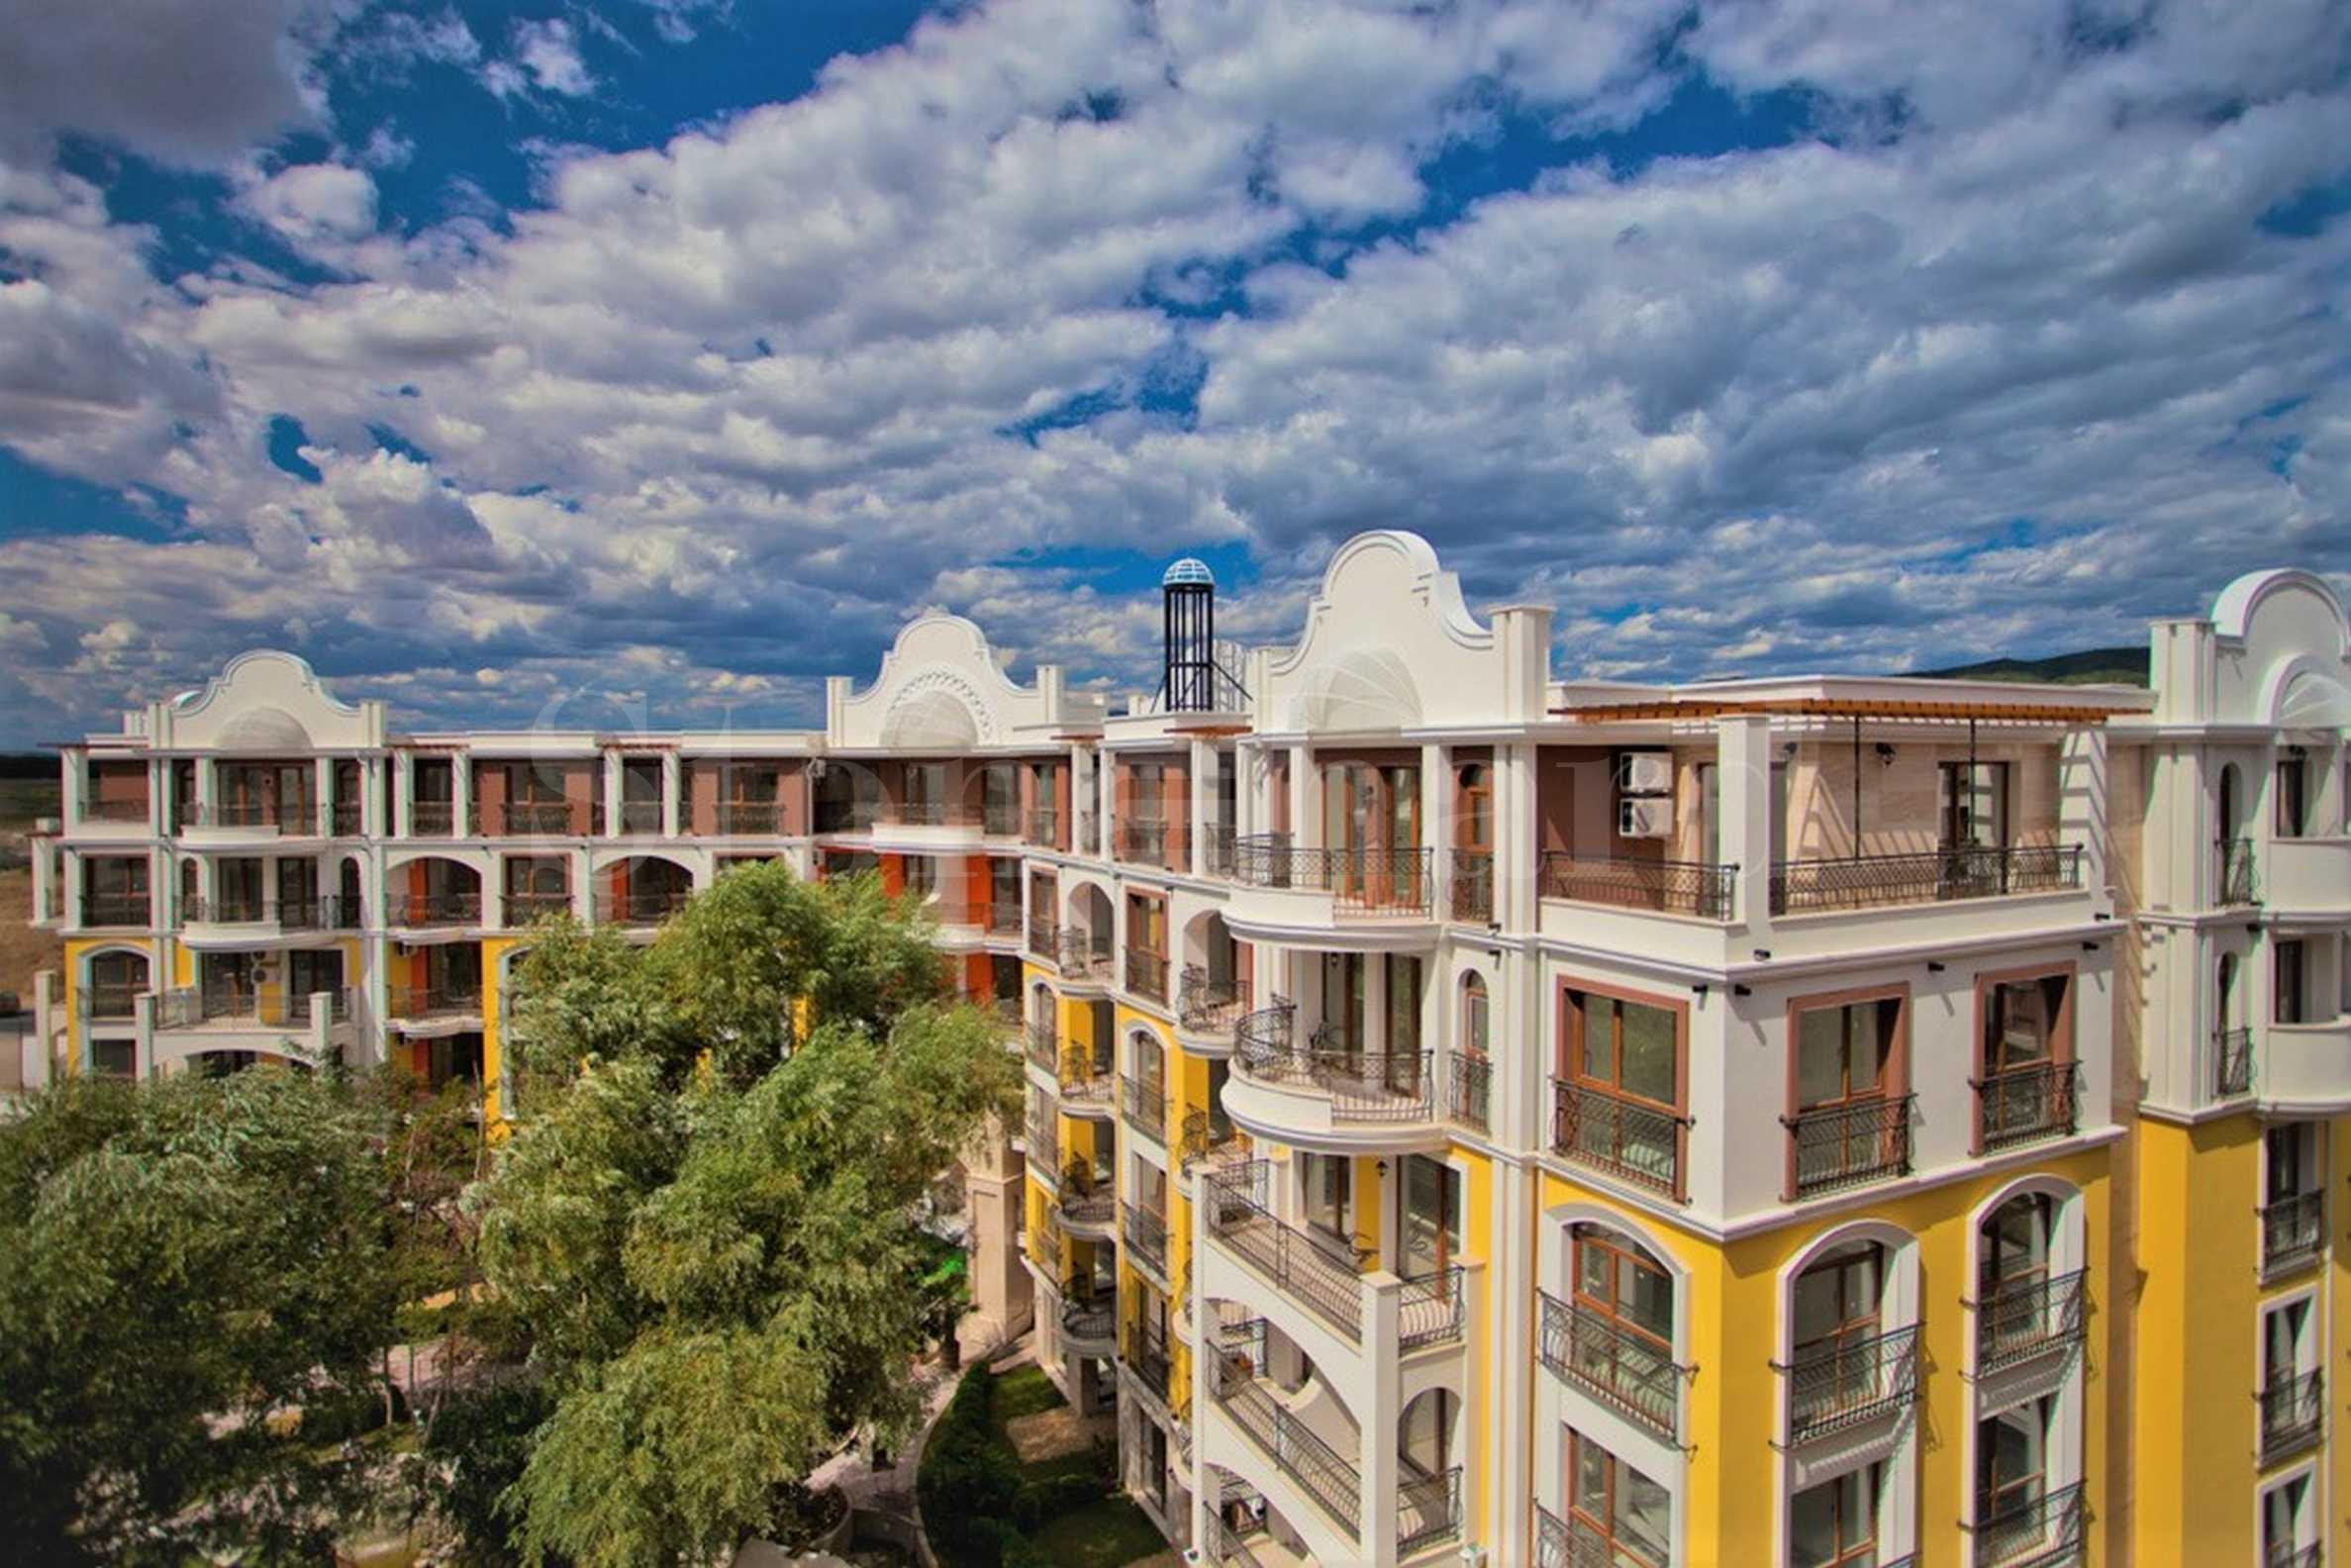 Апартаменти в елитен комплекс със съвършена градина без аналог 2 - Stonehard